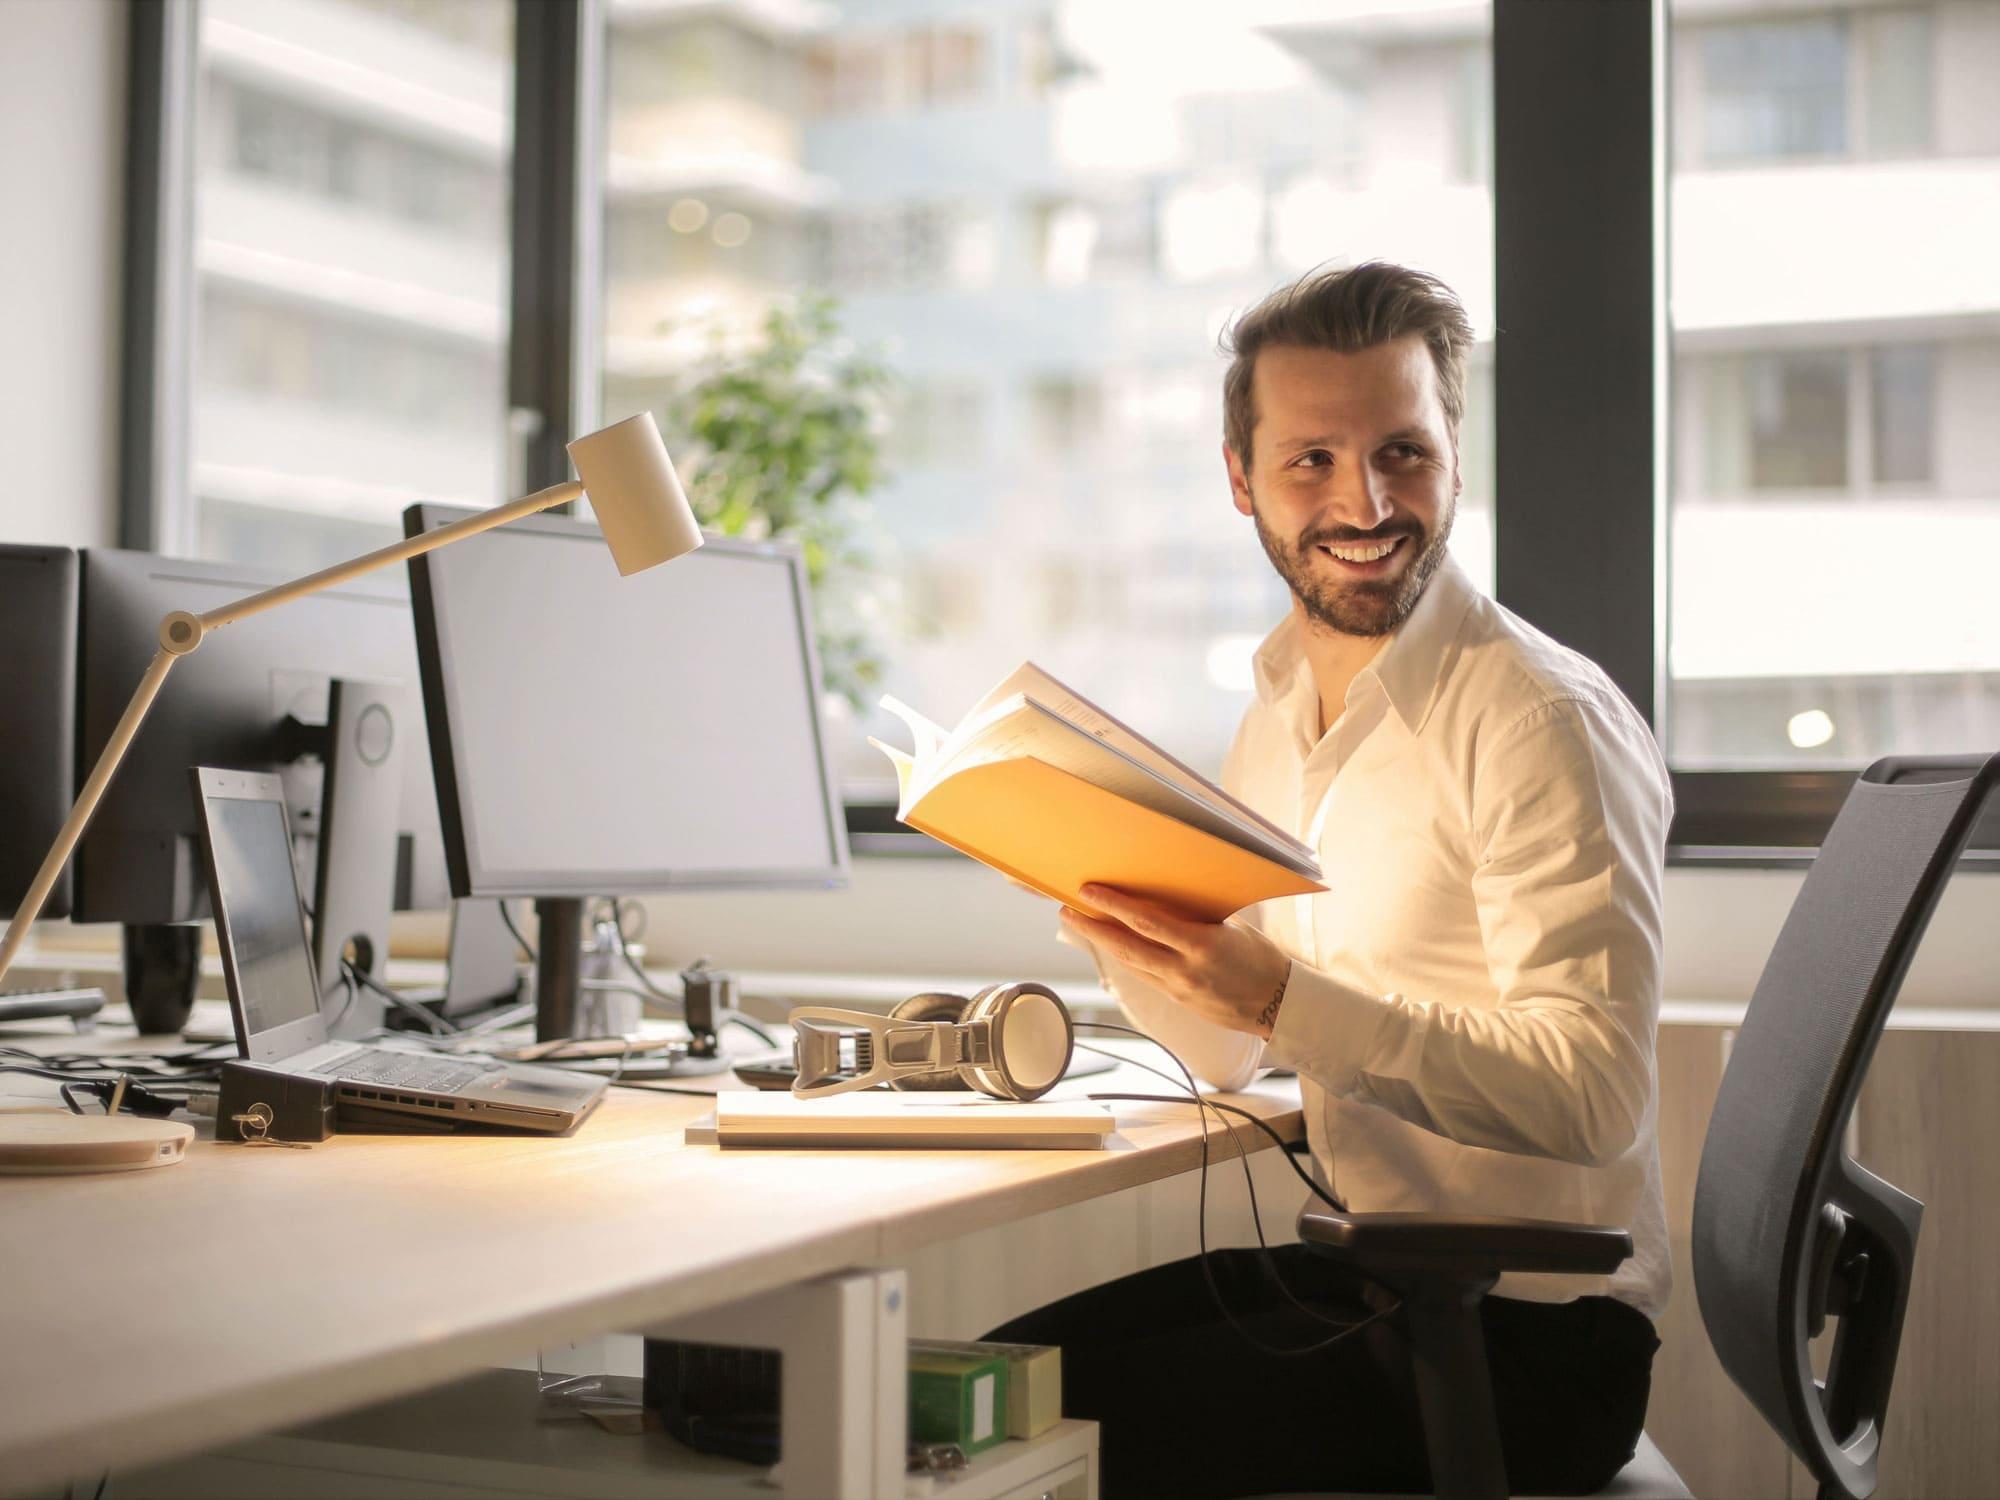 Mann_im_Homeoffice_hat_flexible_Arbeitsmöglichkeiten